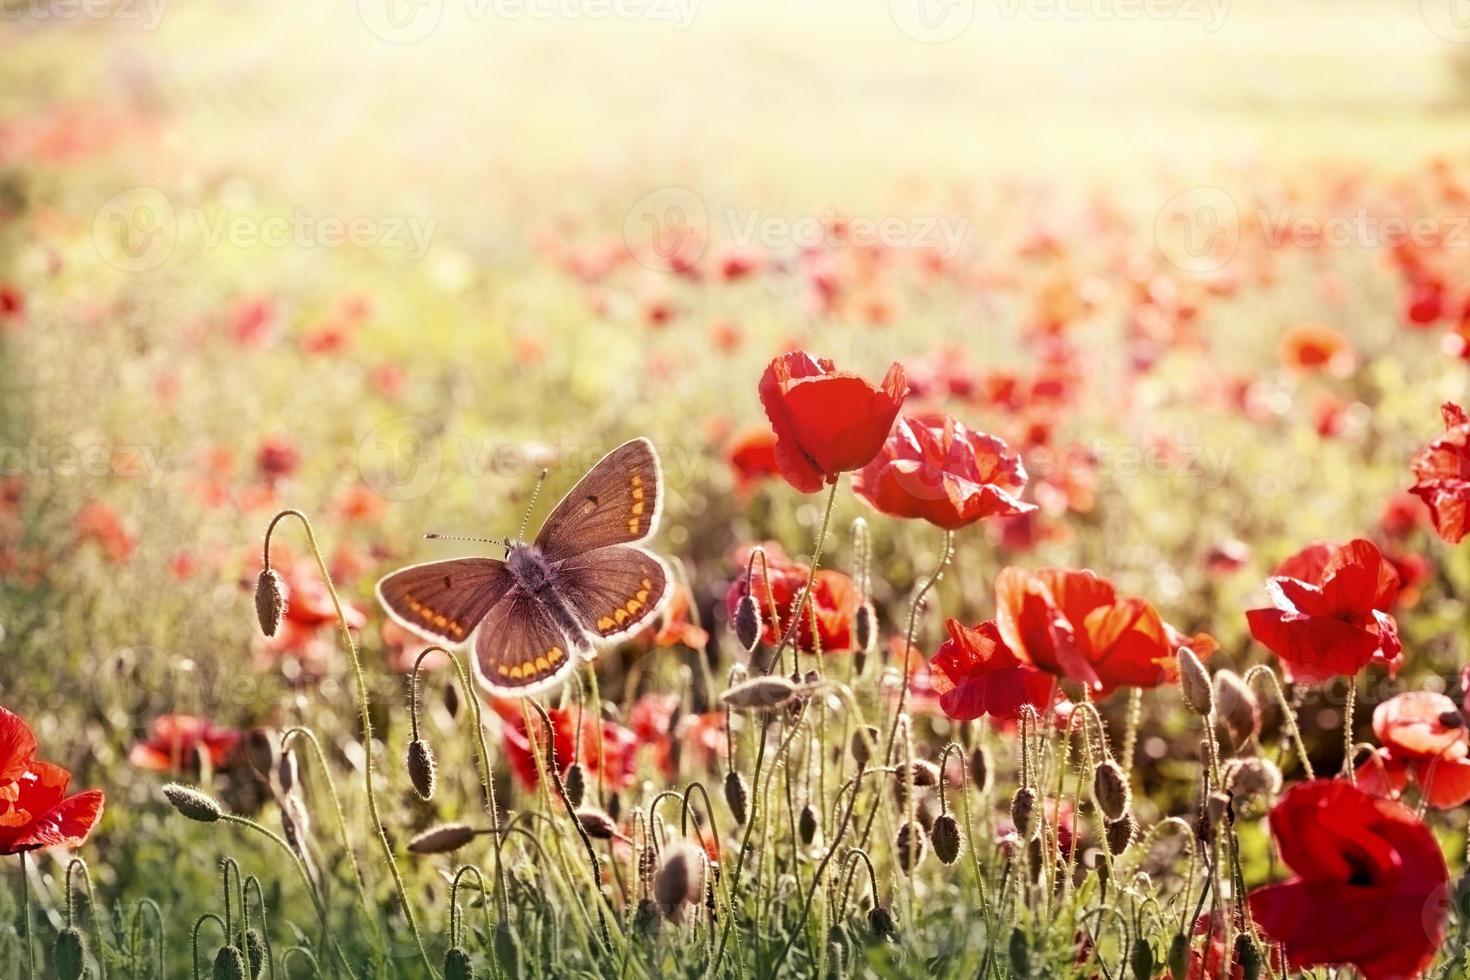 farfalla marrone in prato di fiori di papavero foto